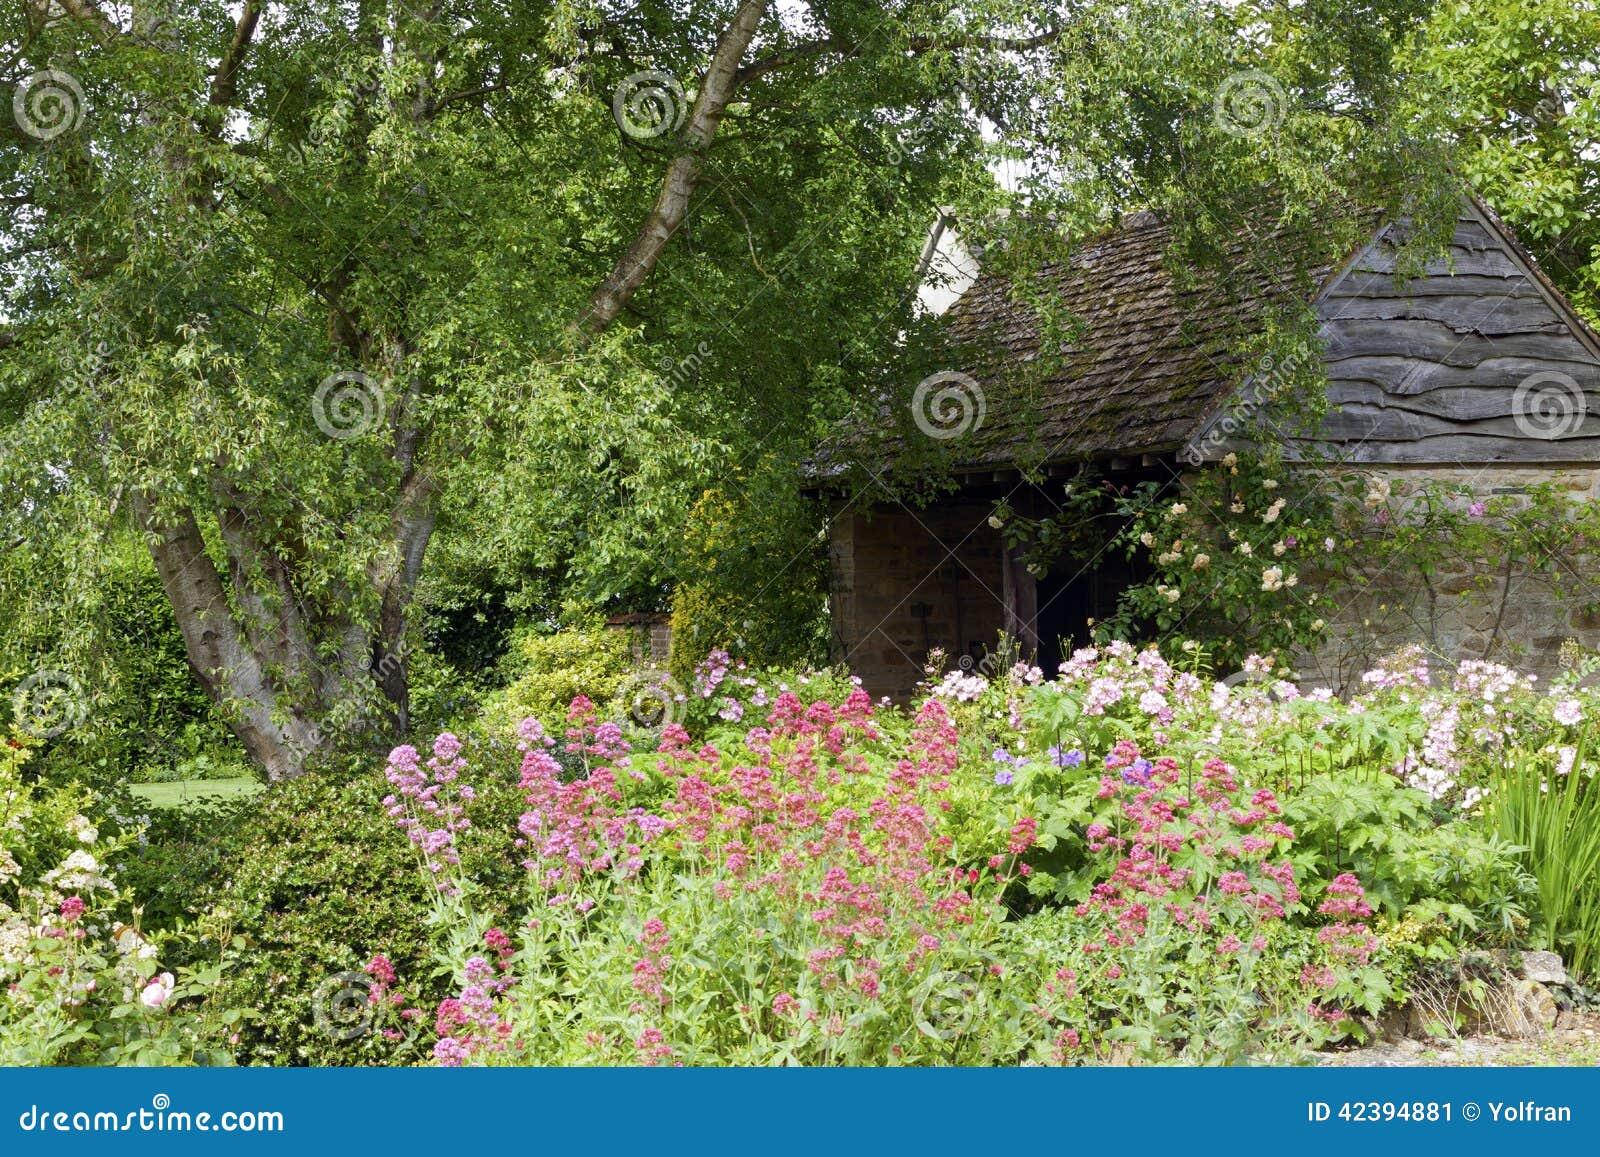 English Cottage Garden In Summer